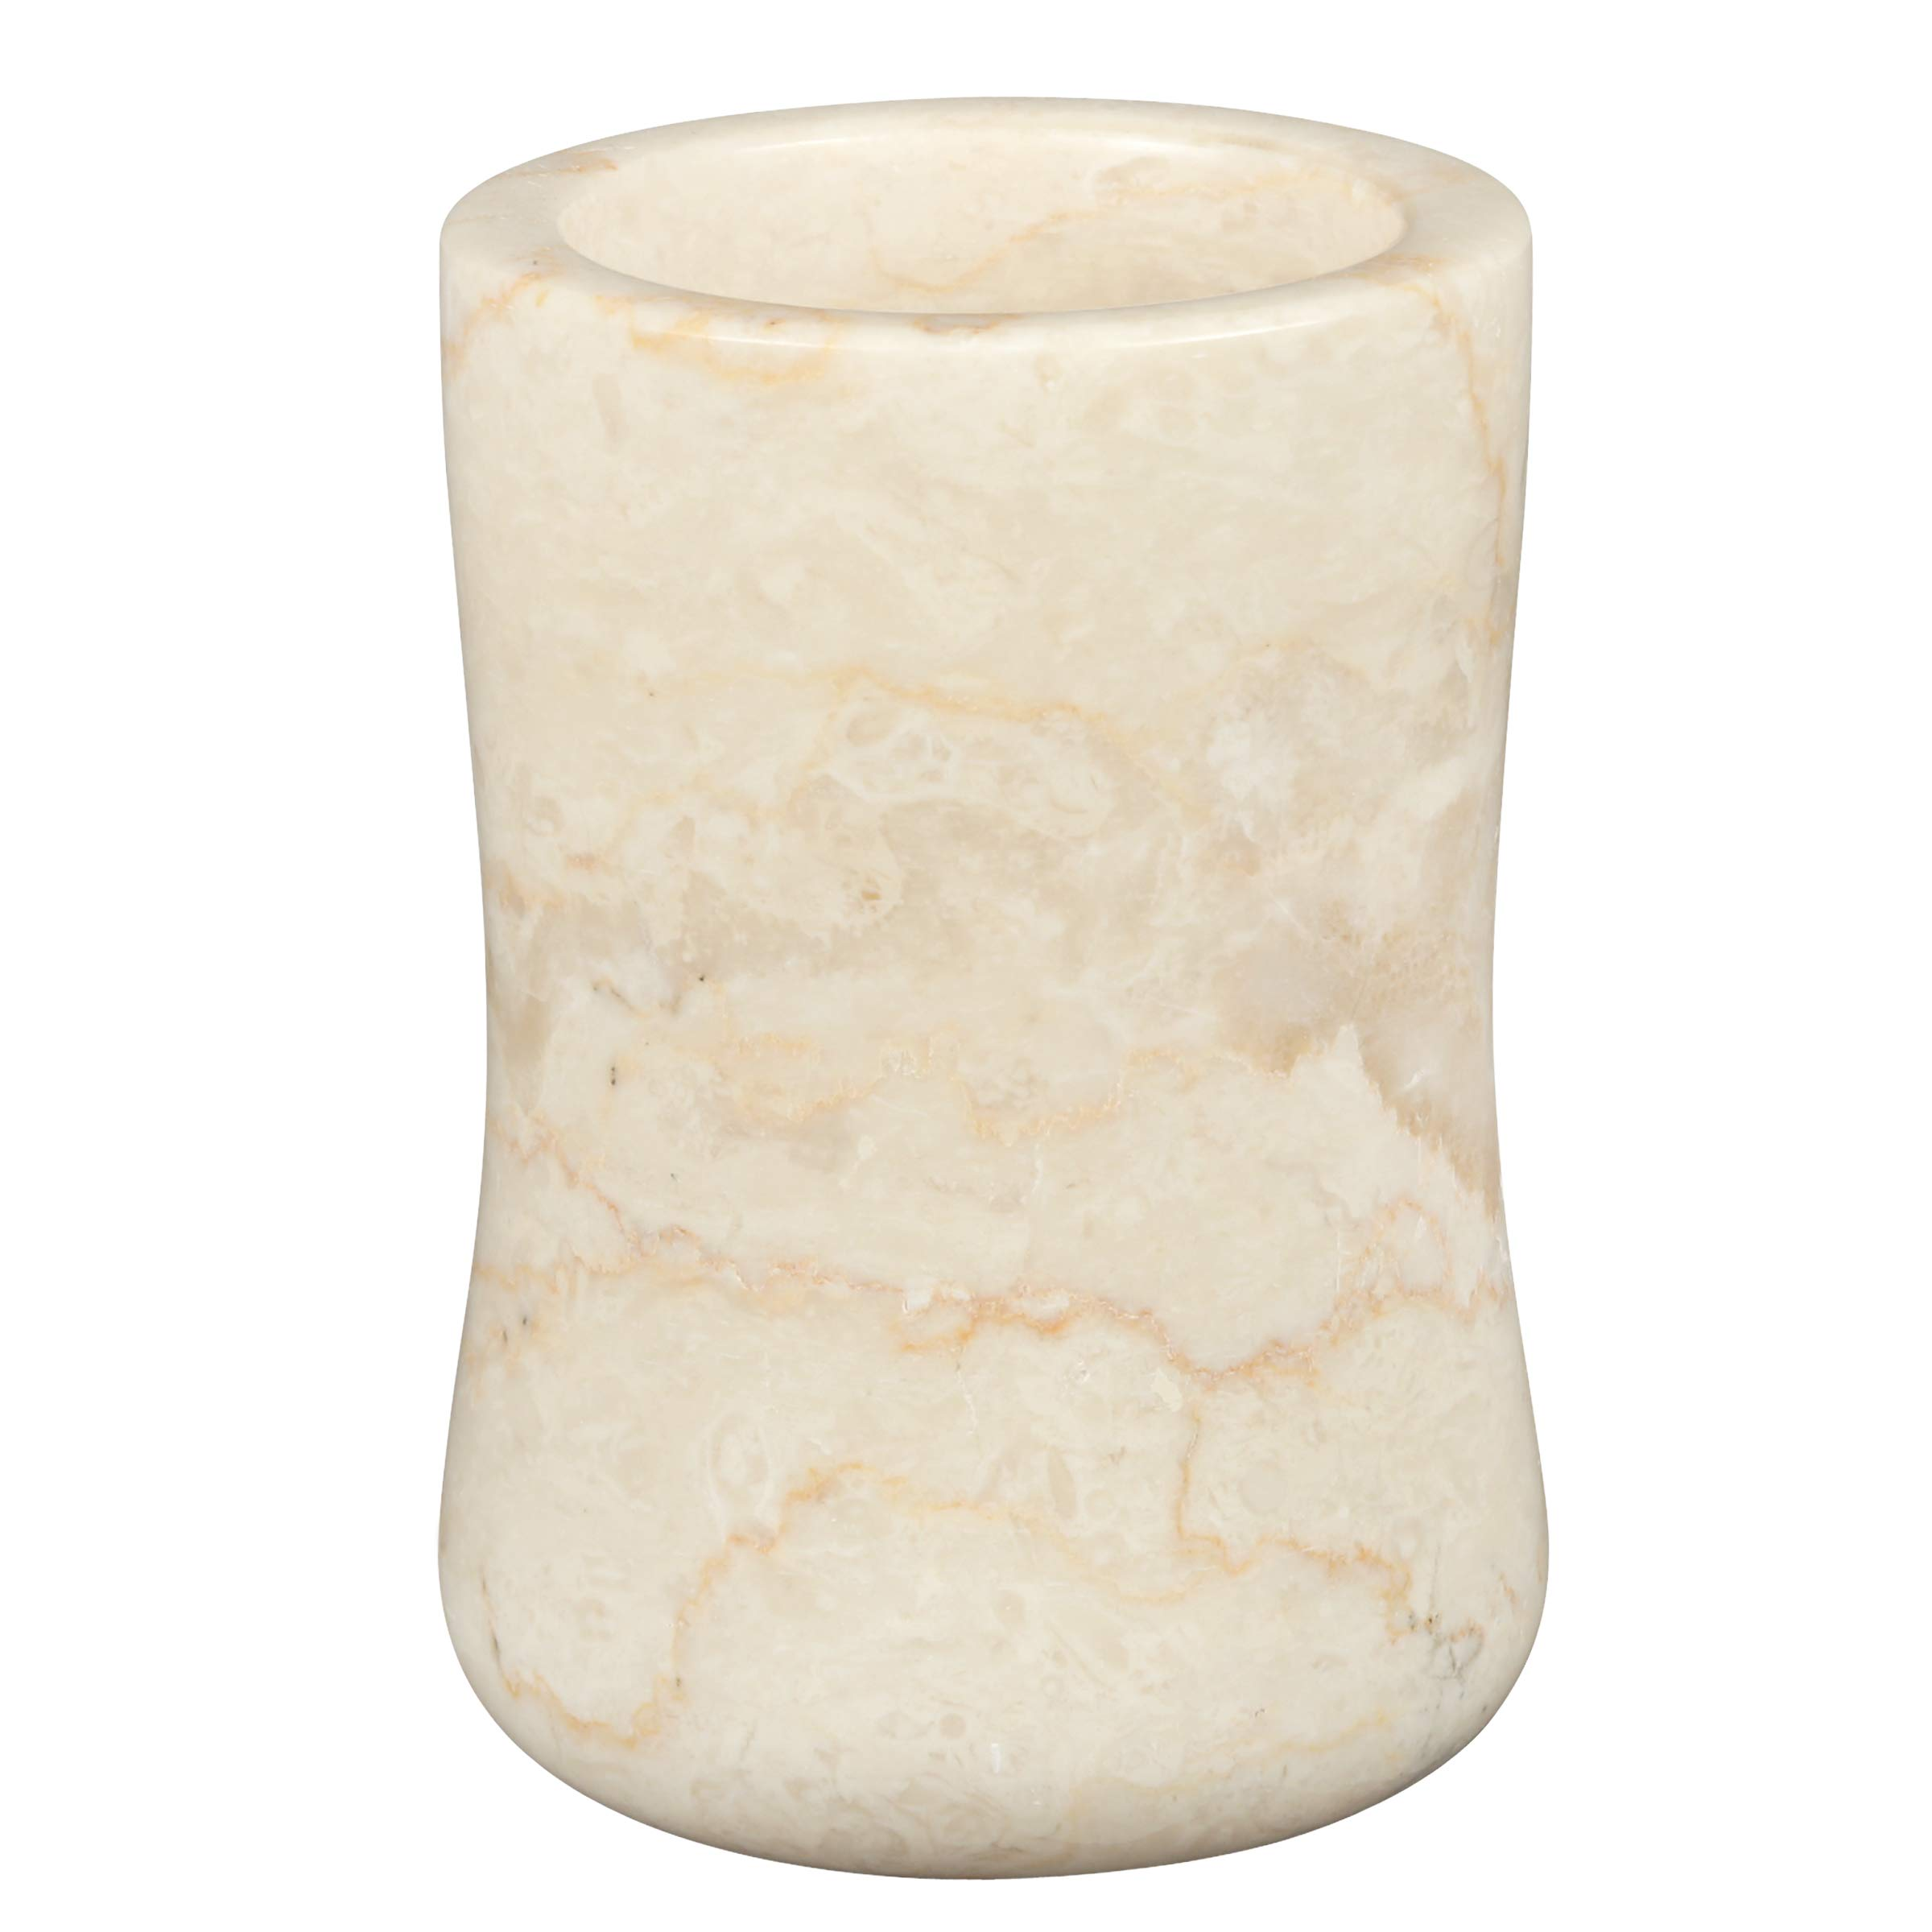 Creative Home 74176 Marble Bath Tumbler by Creative Home